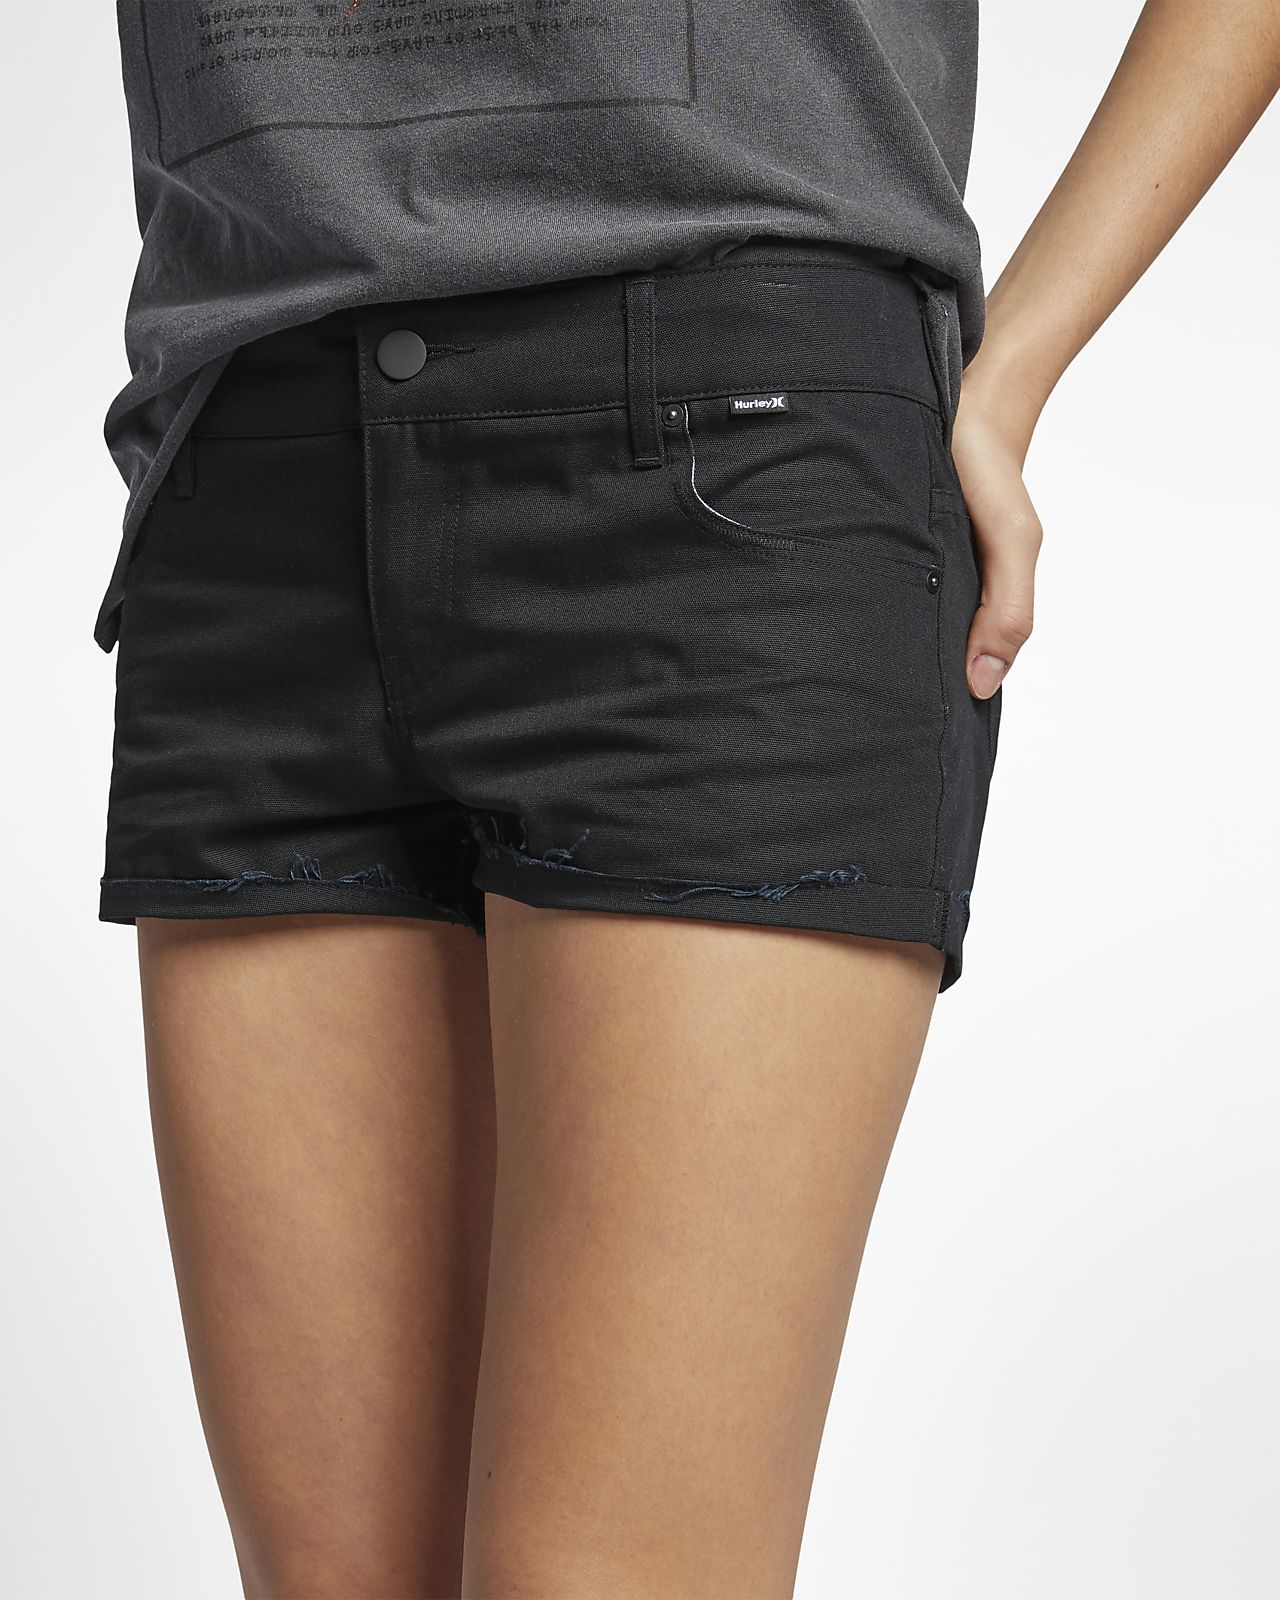 Hurley Lowrider 5-Pocket Women's Walkshorts